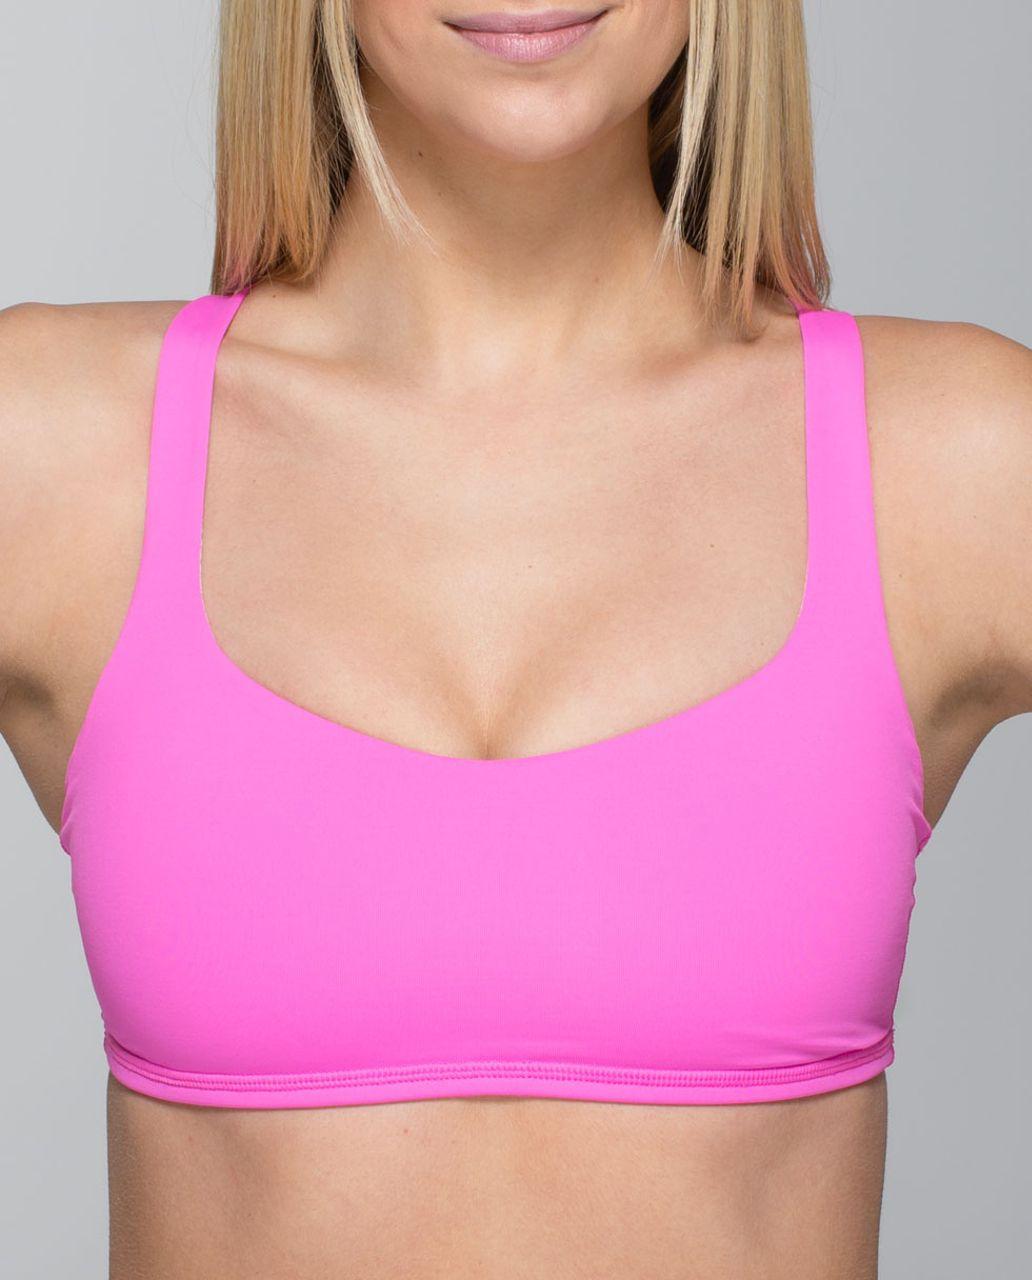 Lululemon Free To Be Bra - Pow Pink Light